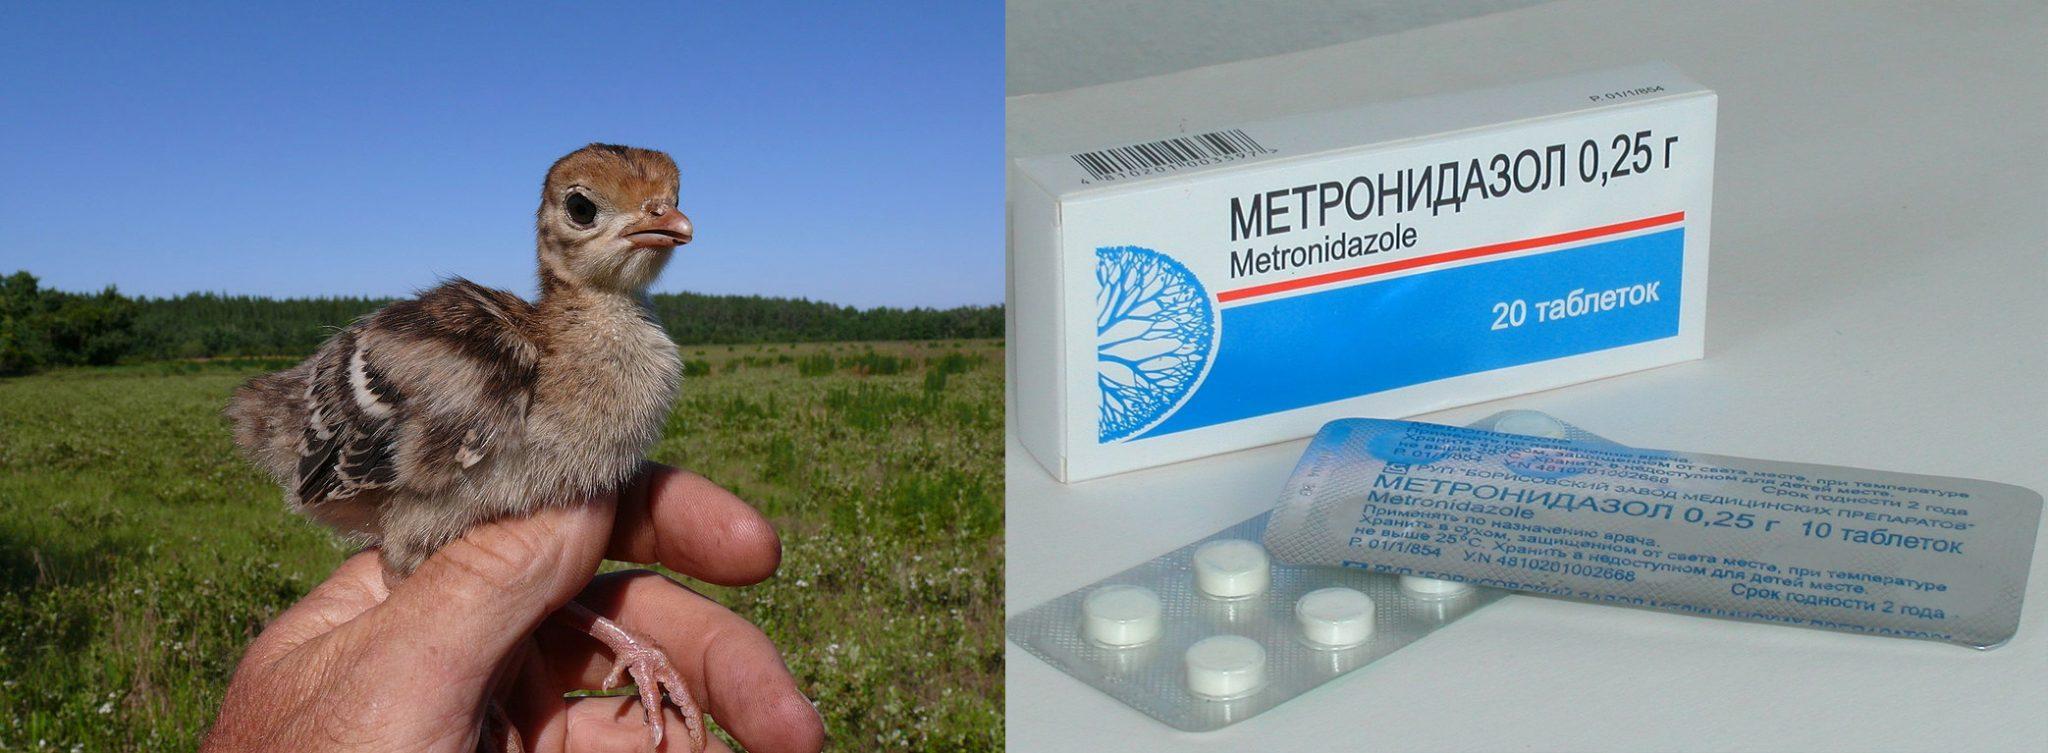 Метронидазол для индюшат инструкция по применению